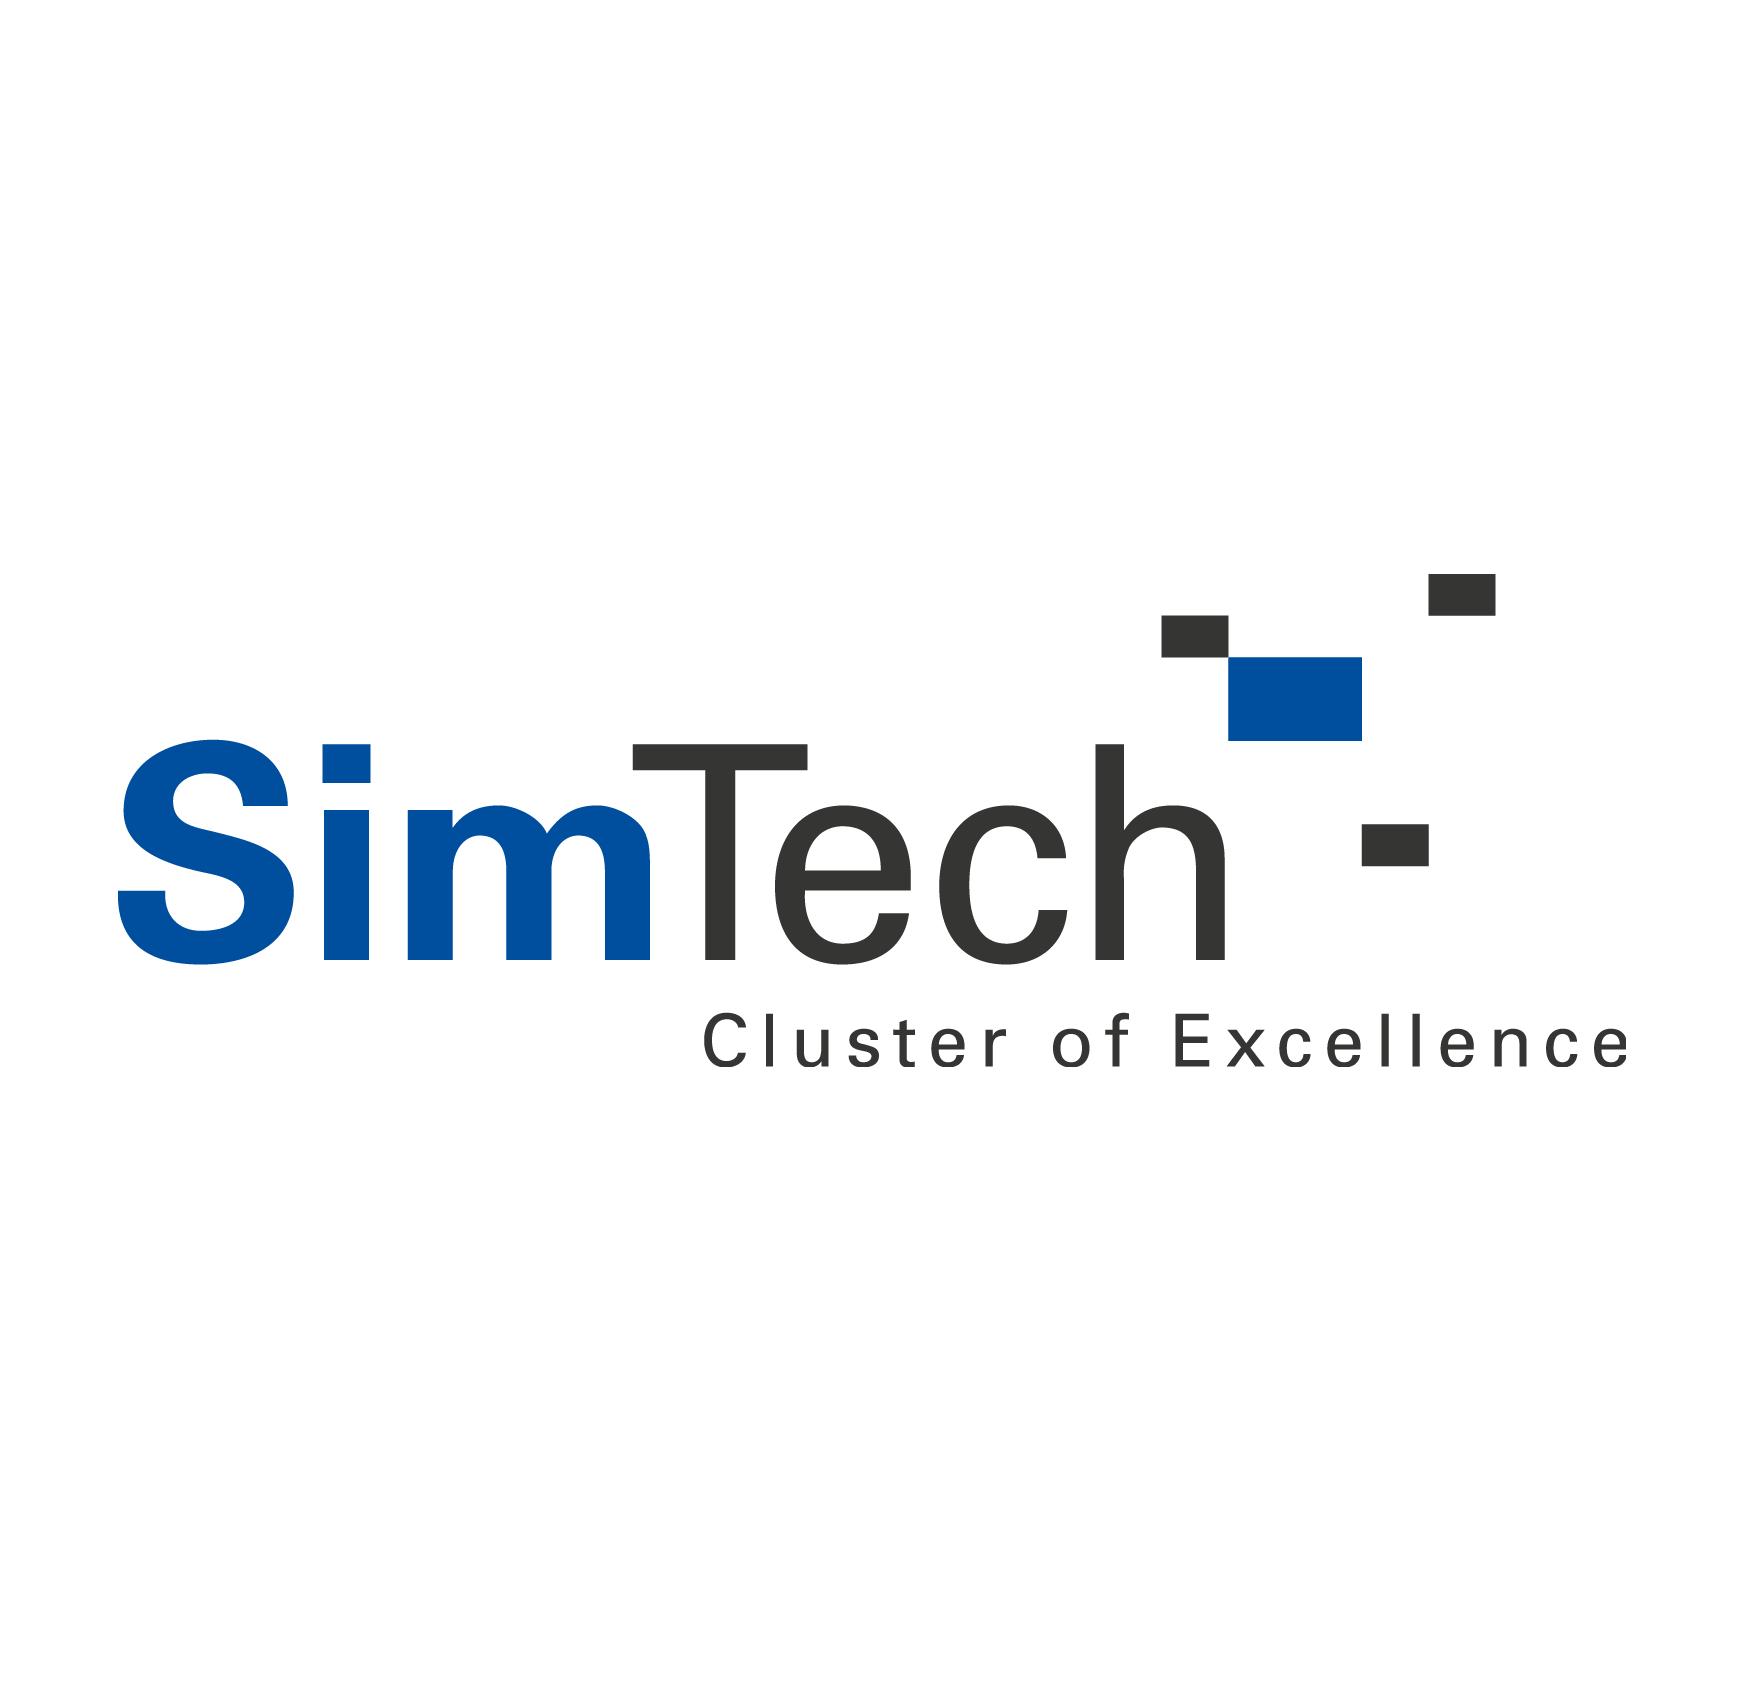 simtech-logo-quadratisch